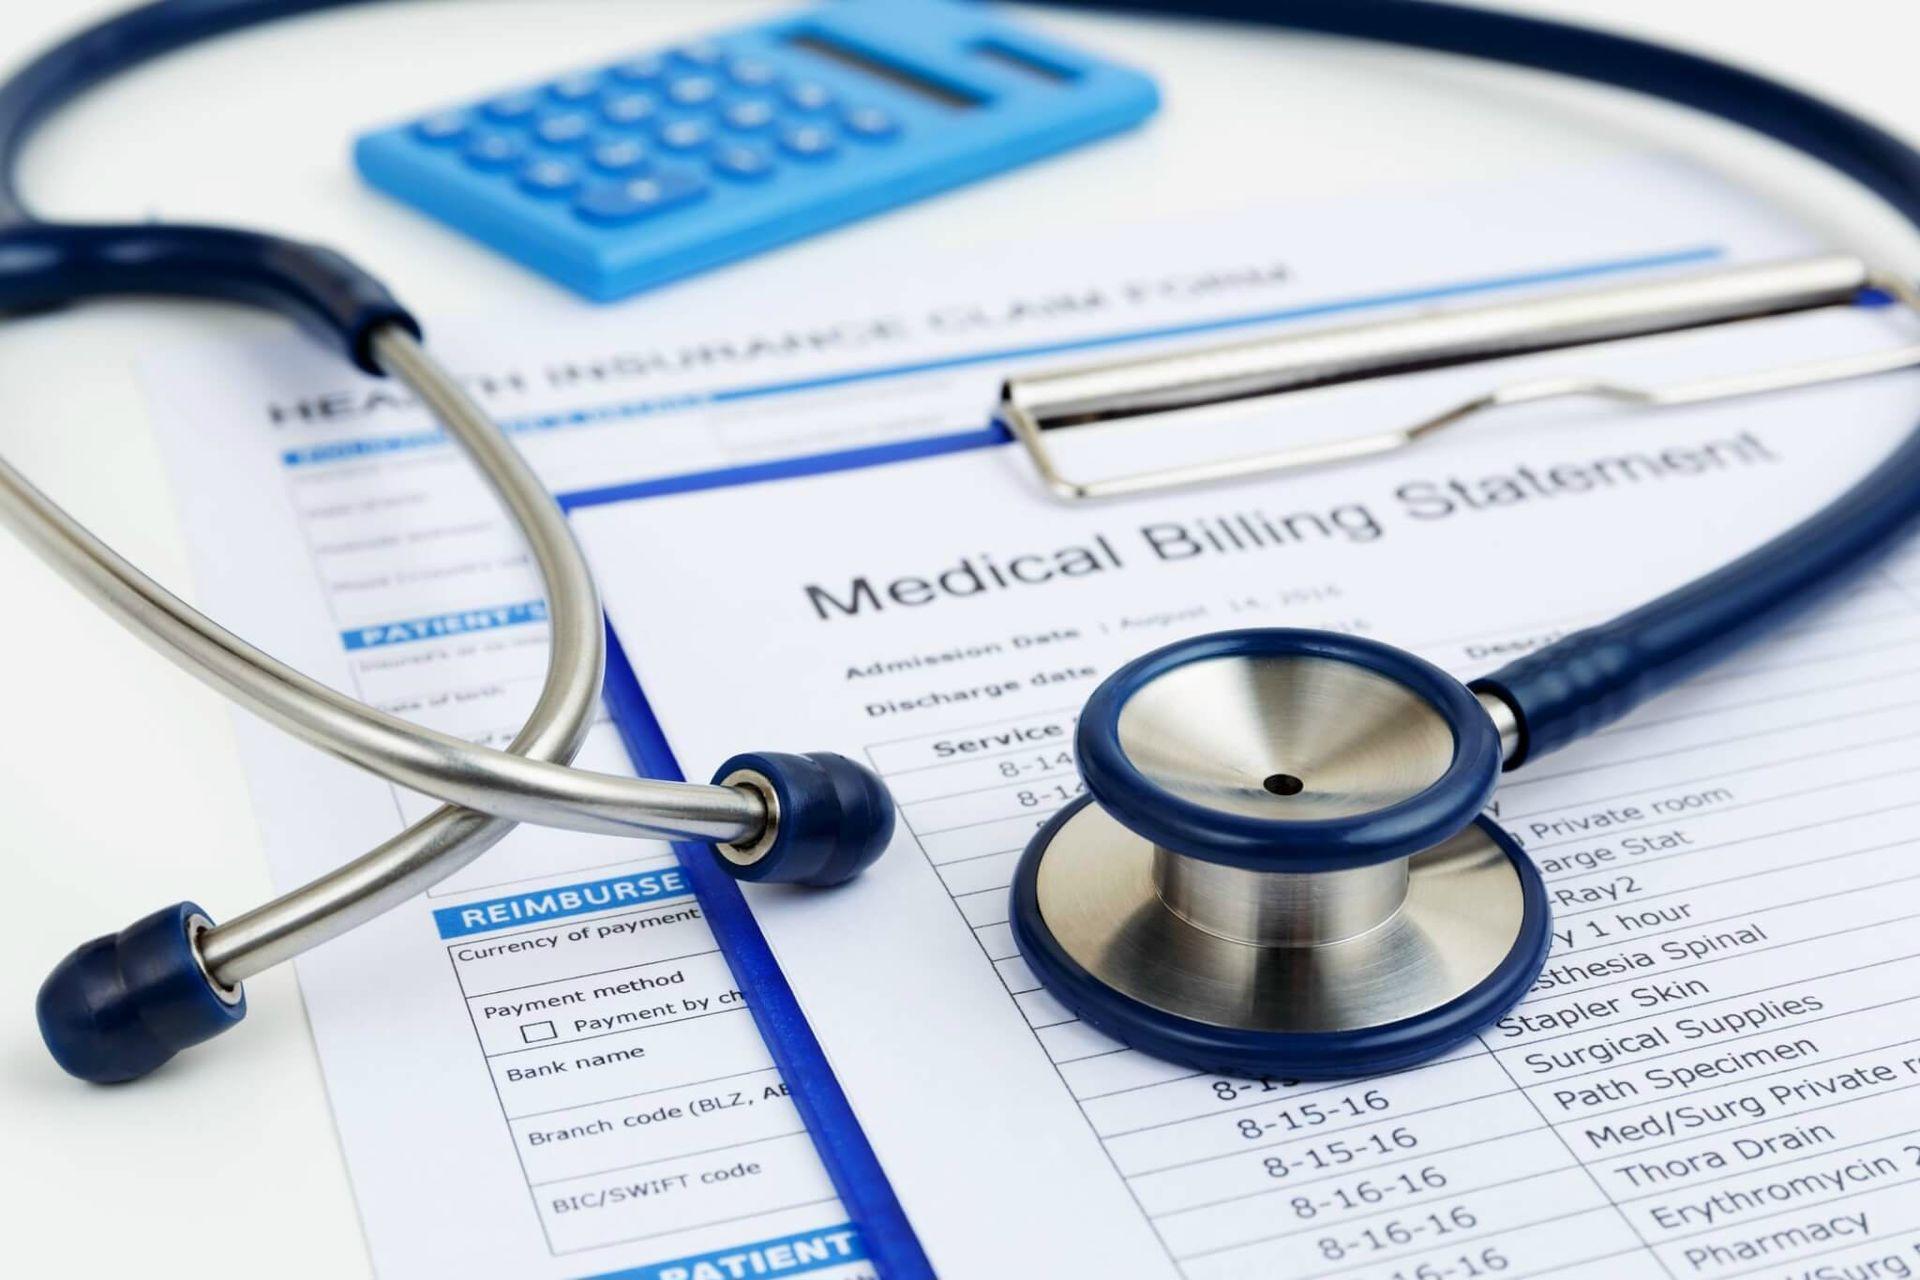 medical_billing_header-1-medical